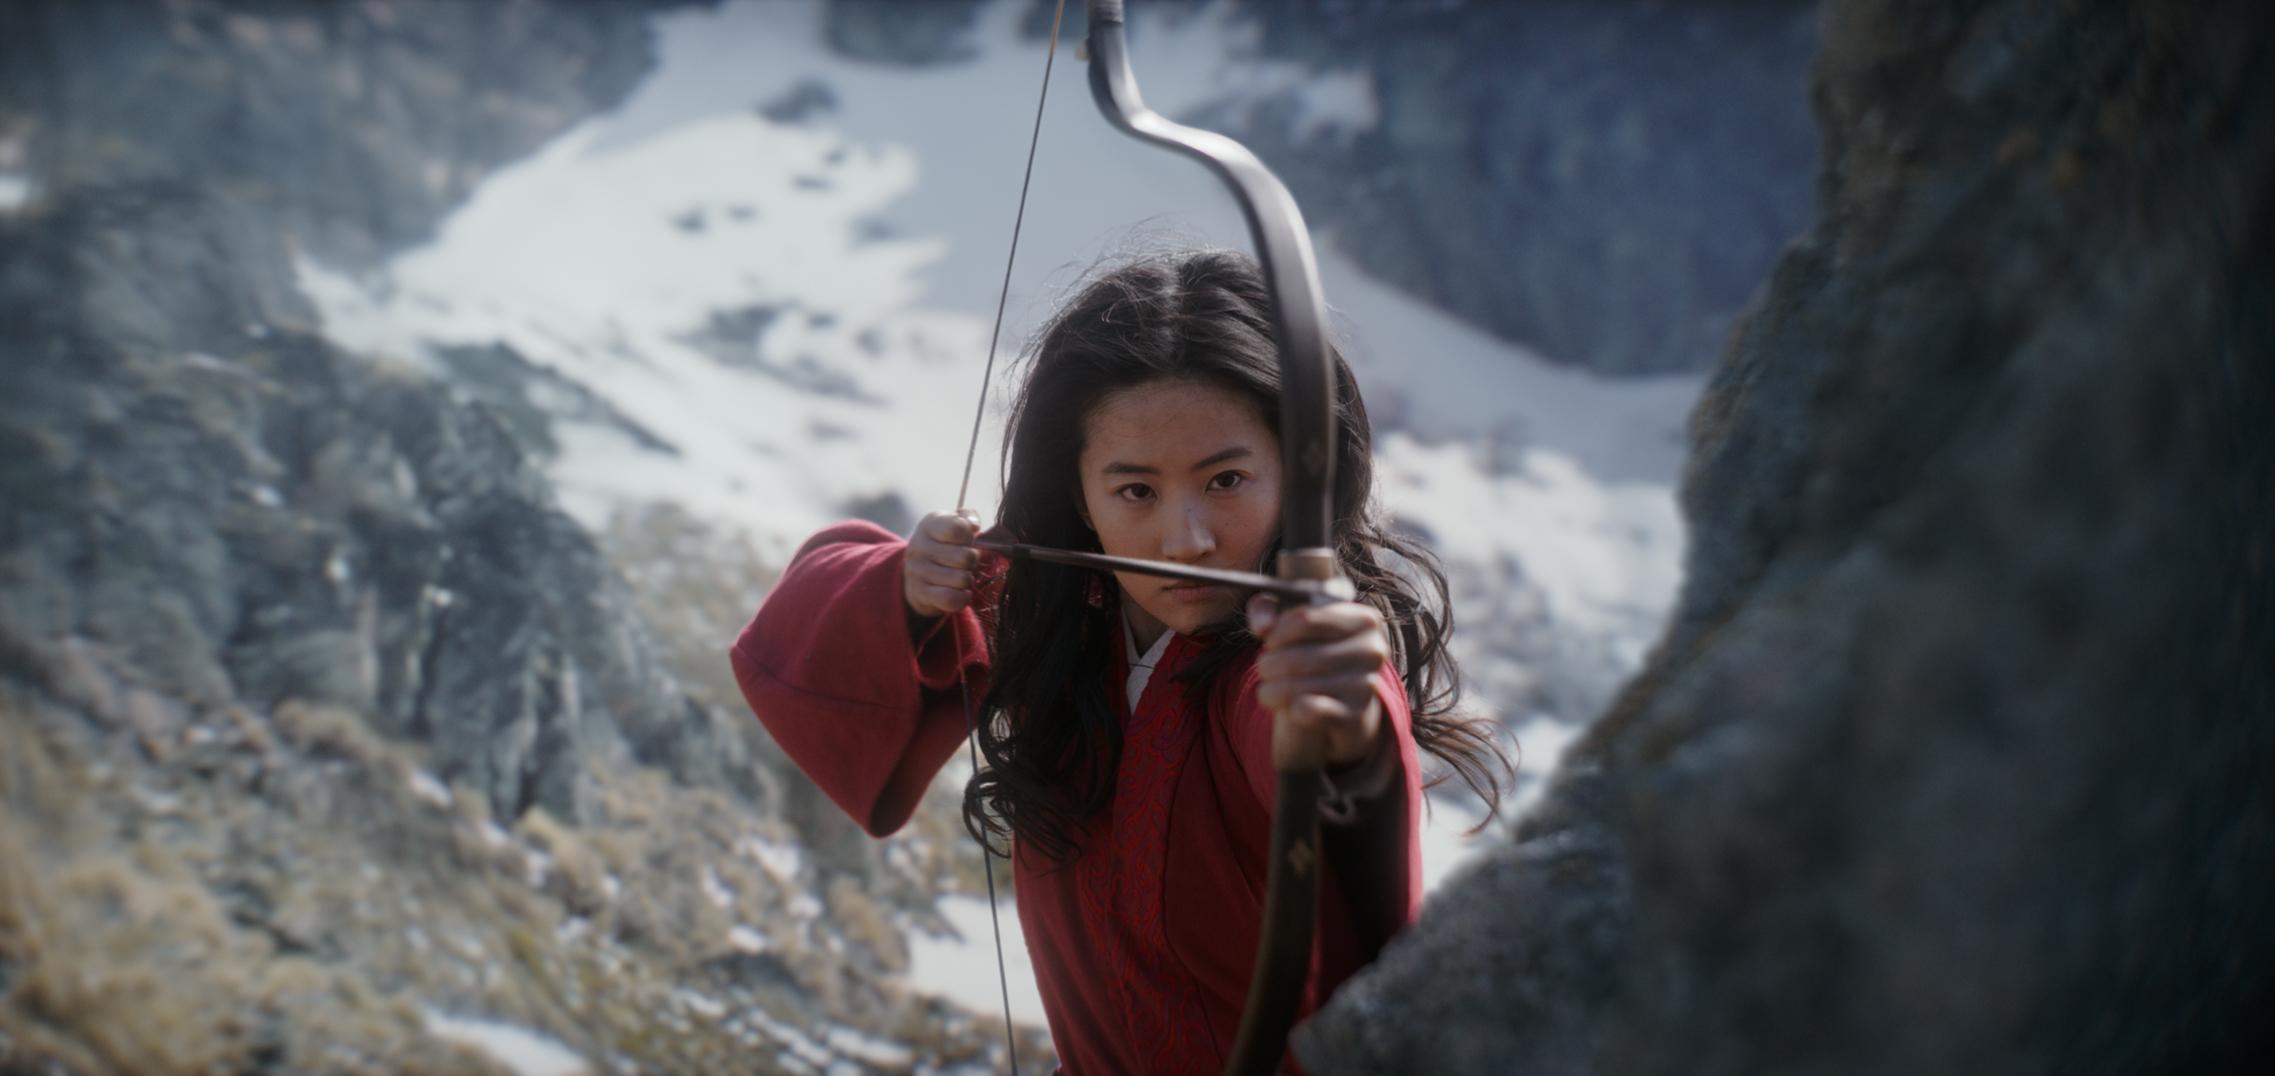 Teaser Trailer from Mulan (2020)